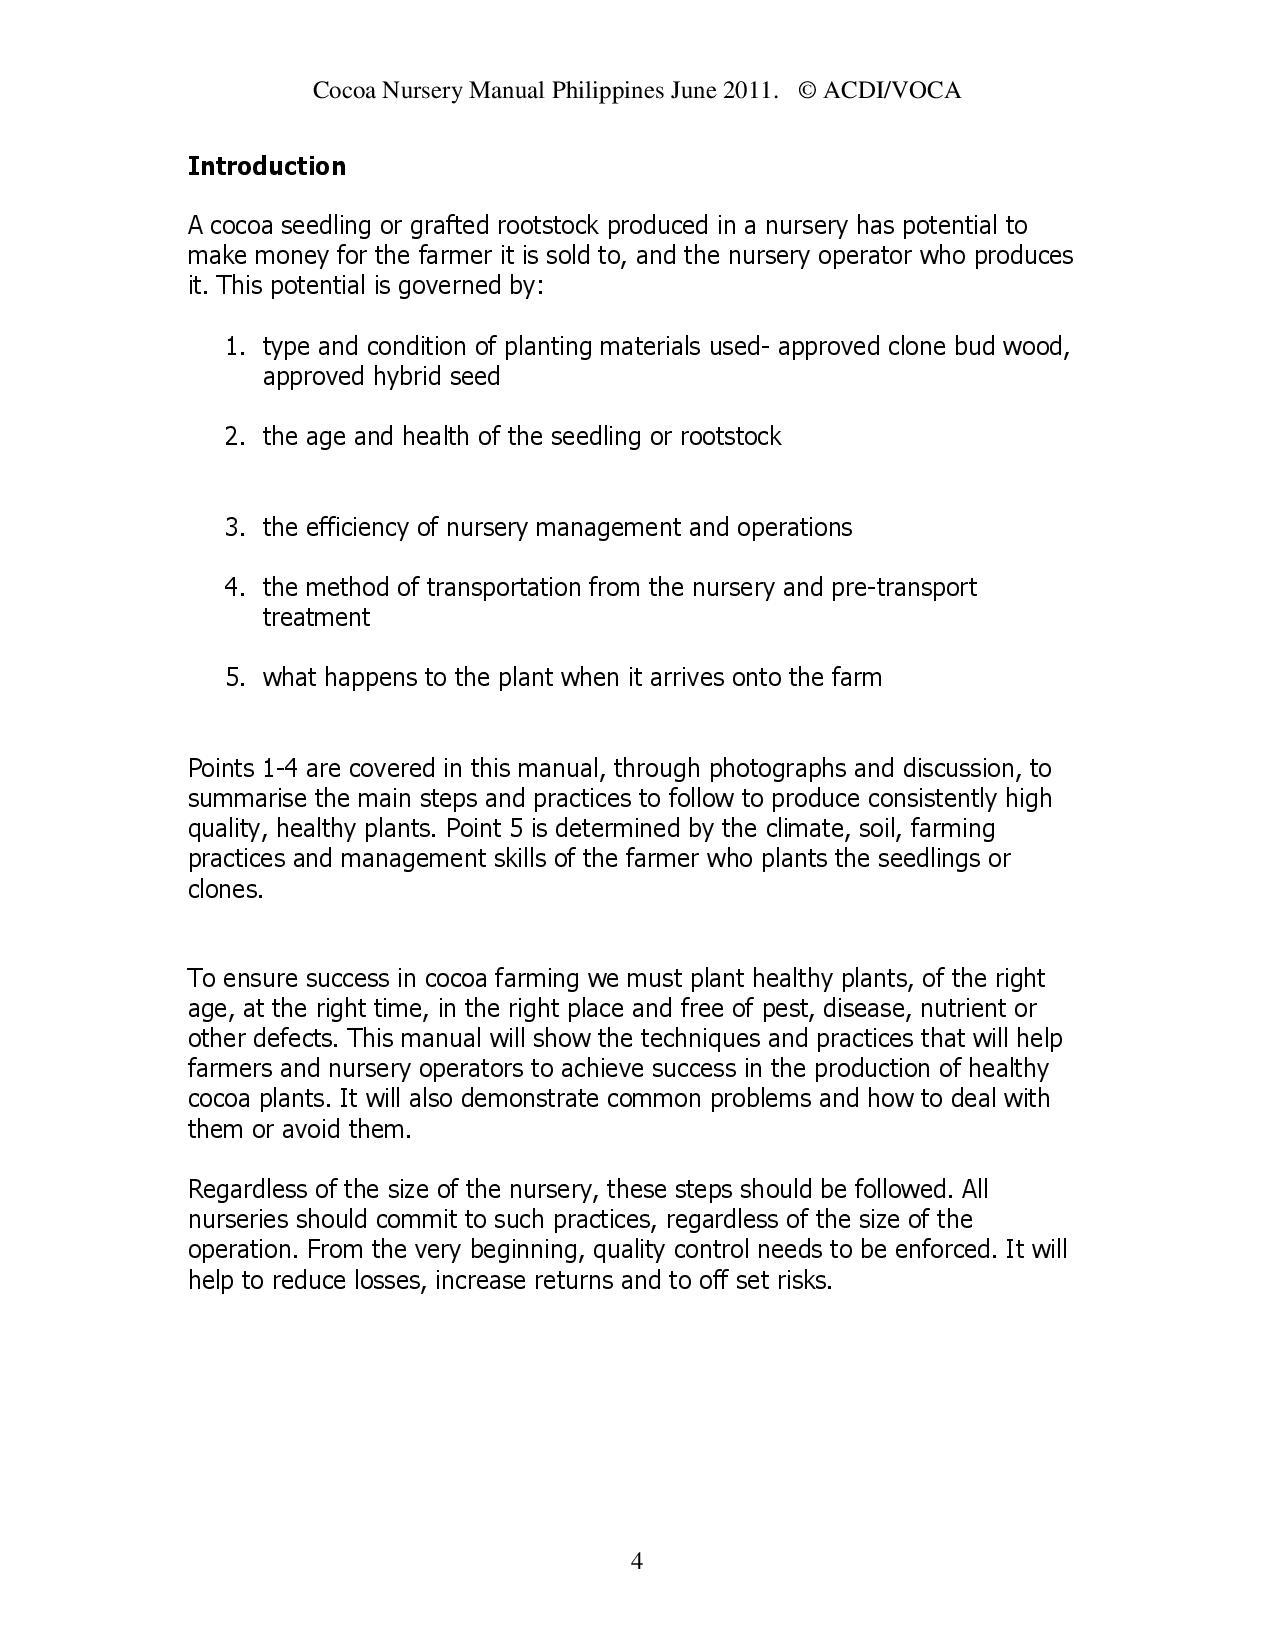 Cocoa-Nursery-Manual-2011_acdi-voca-page-004